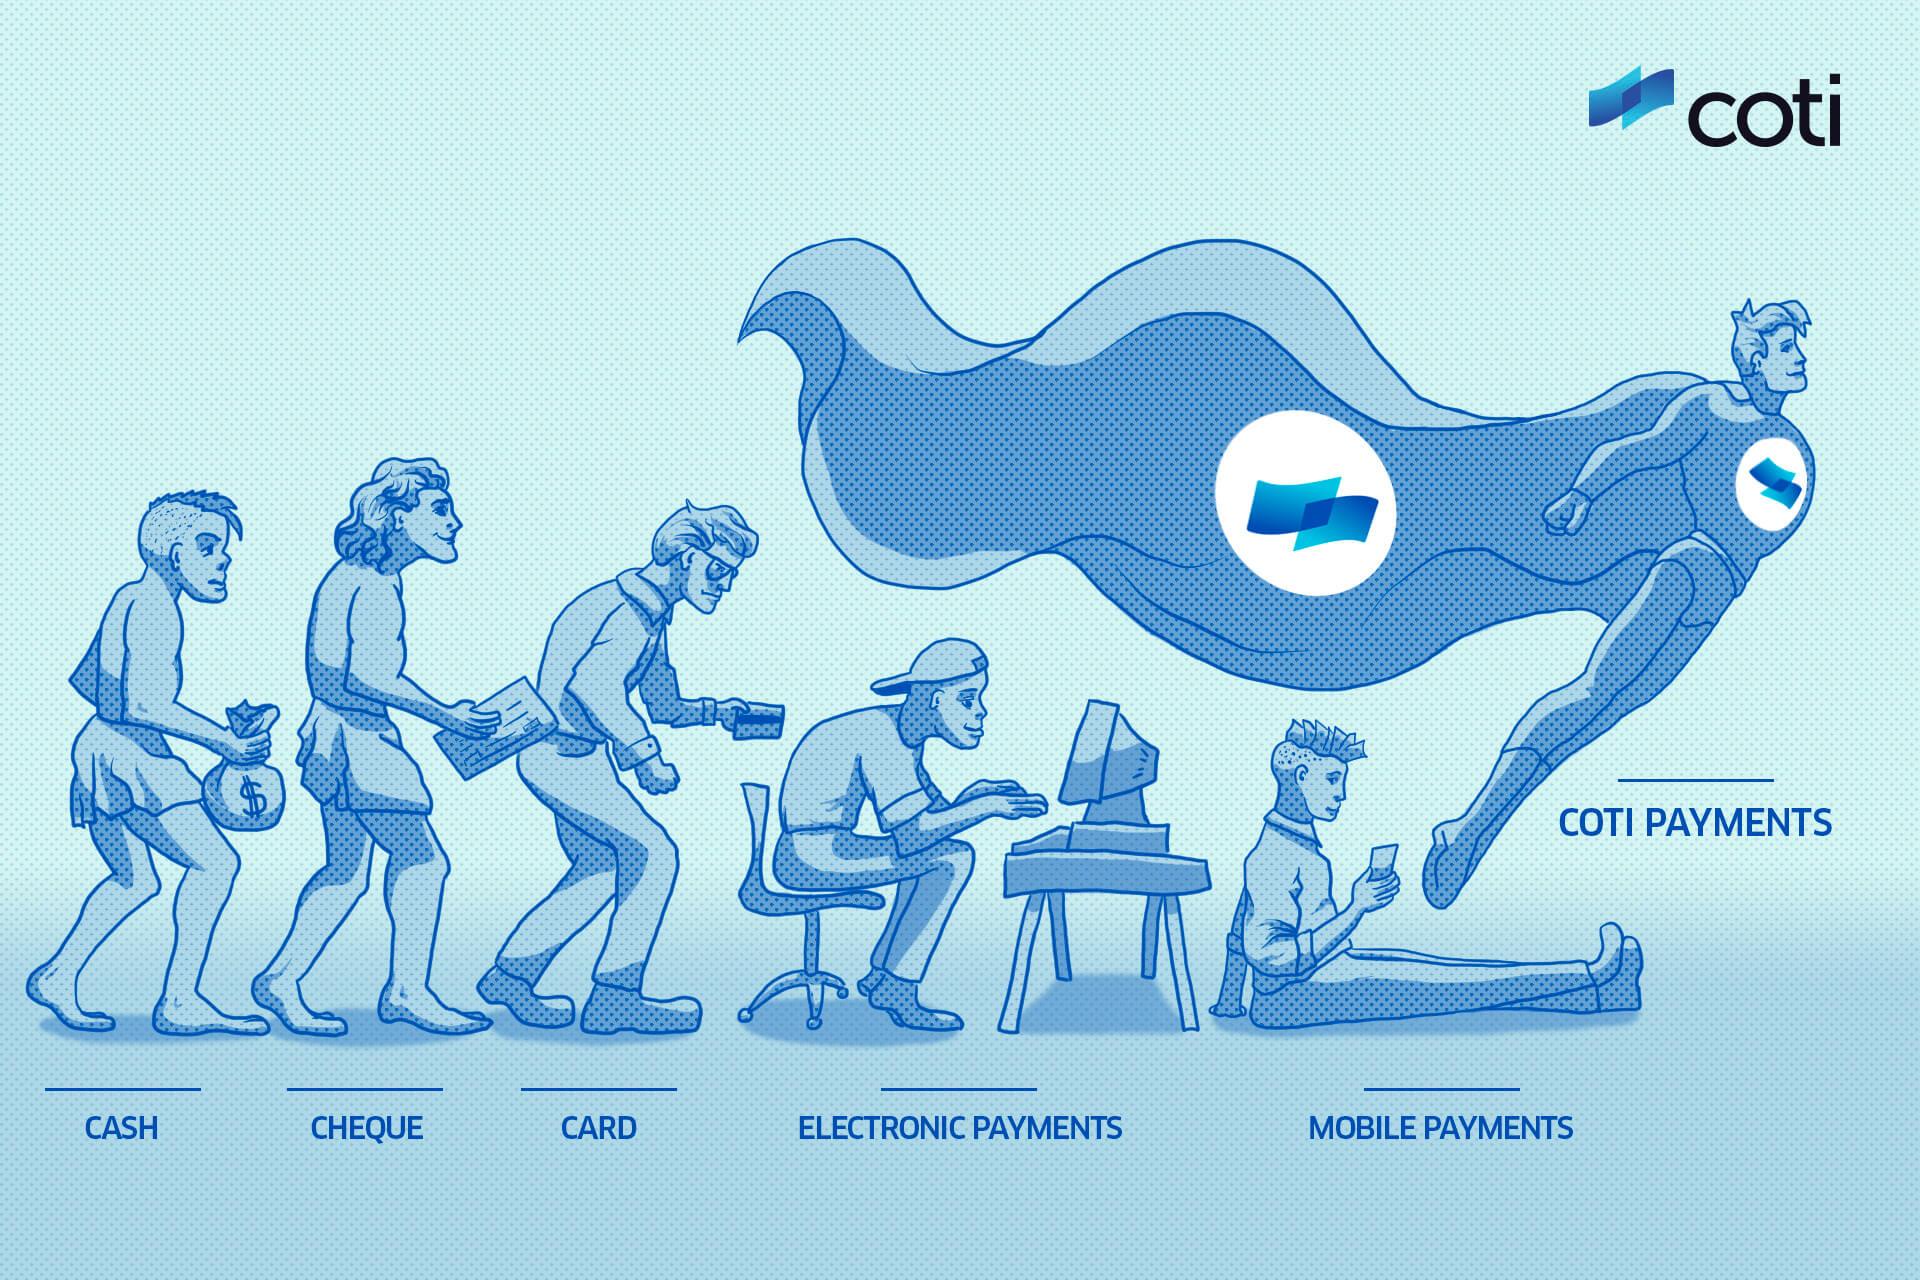 COTI — цифровая валюта, специально созданная для платежей